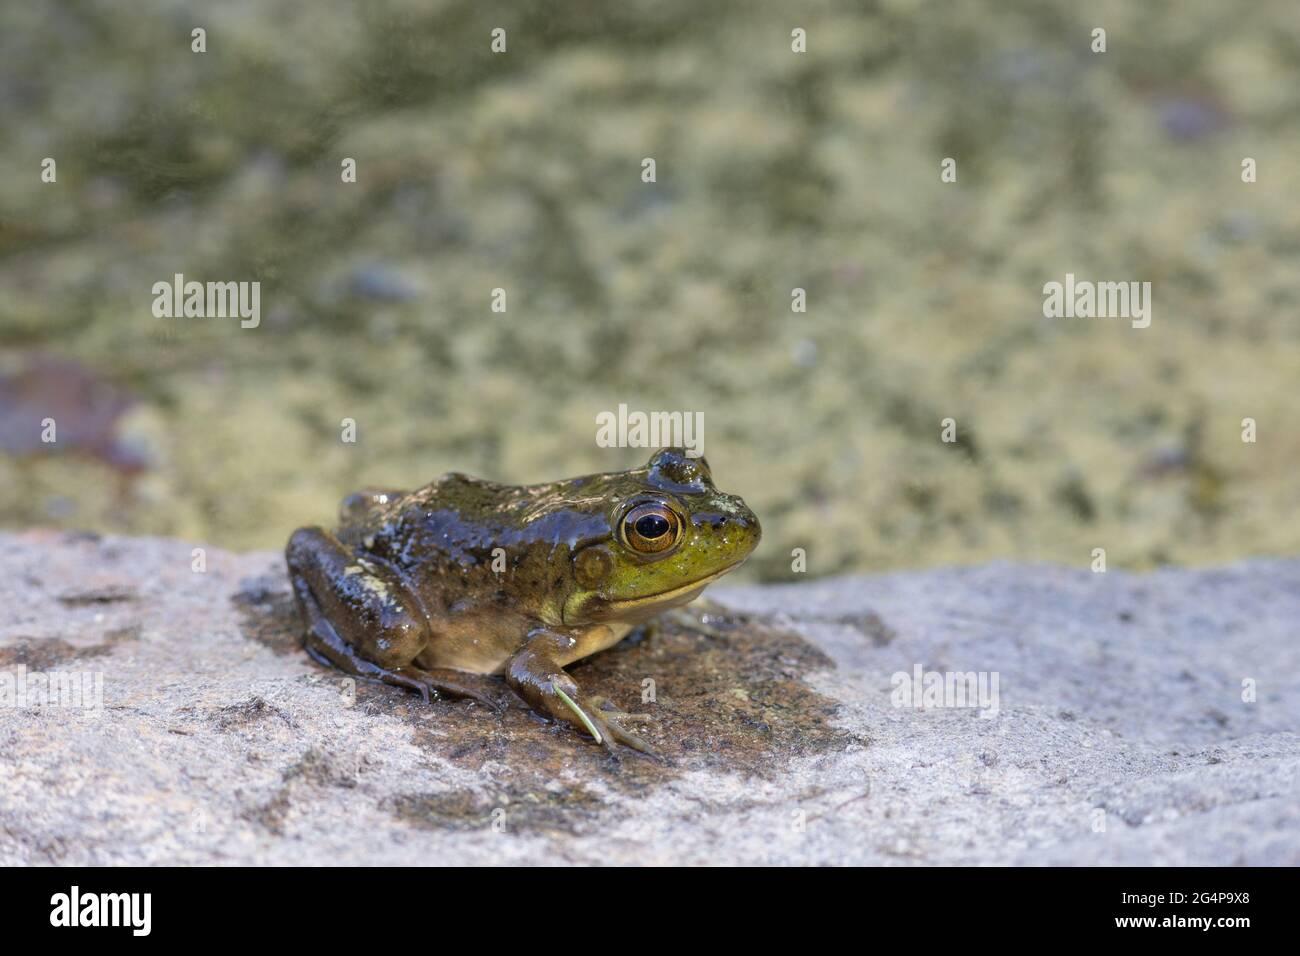 Una rana toro juvenil americana (Lithobates catesbeianus) descansa sobre una roca al lado de un estanque. El anfibio está húmedo, habiendo emergido del agua en algo Foto de stock